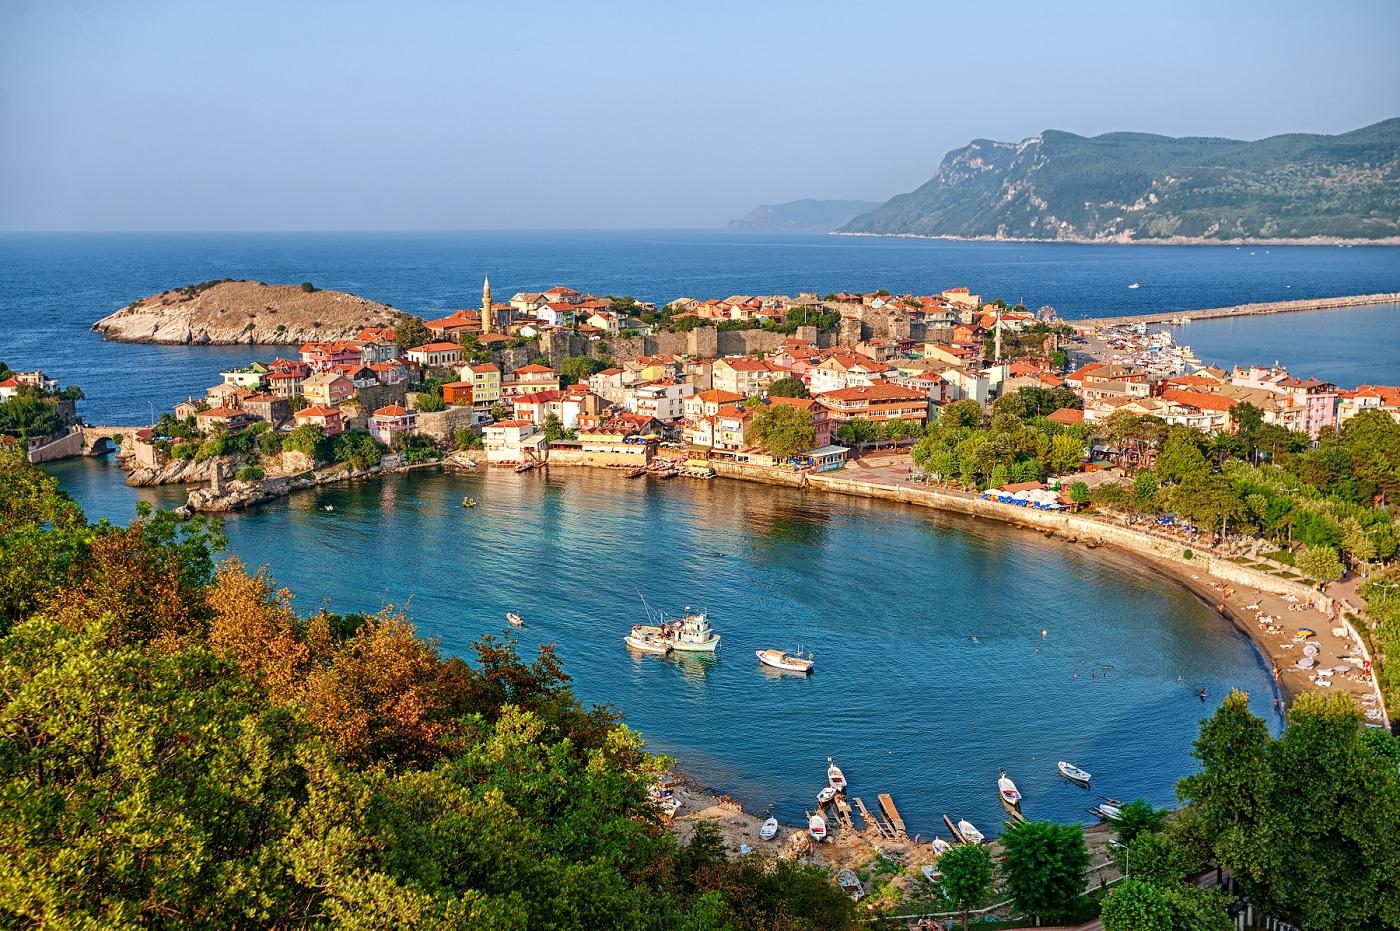 Vasarą populiariausia kryptimi išliko Turkija – kitąmet žada dar 10 proc. daugiau keleivių